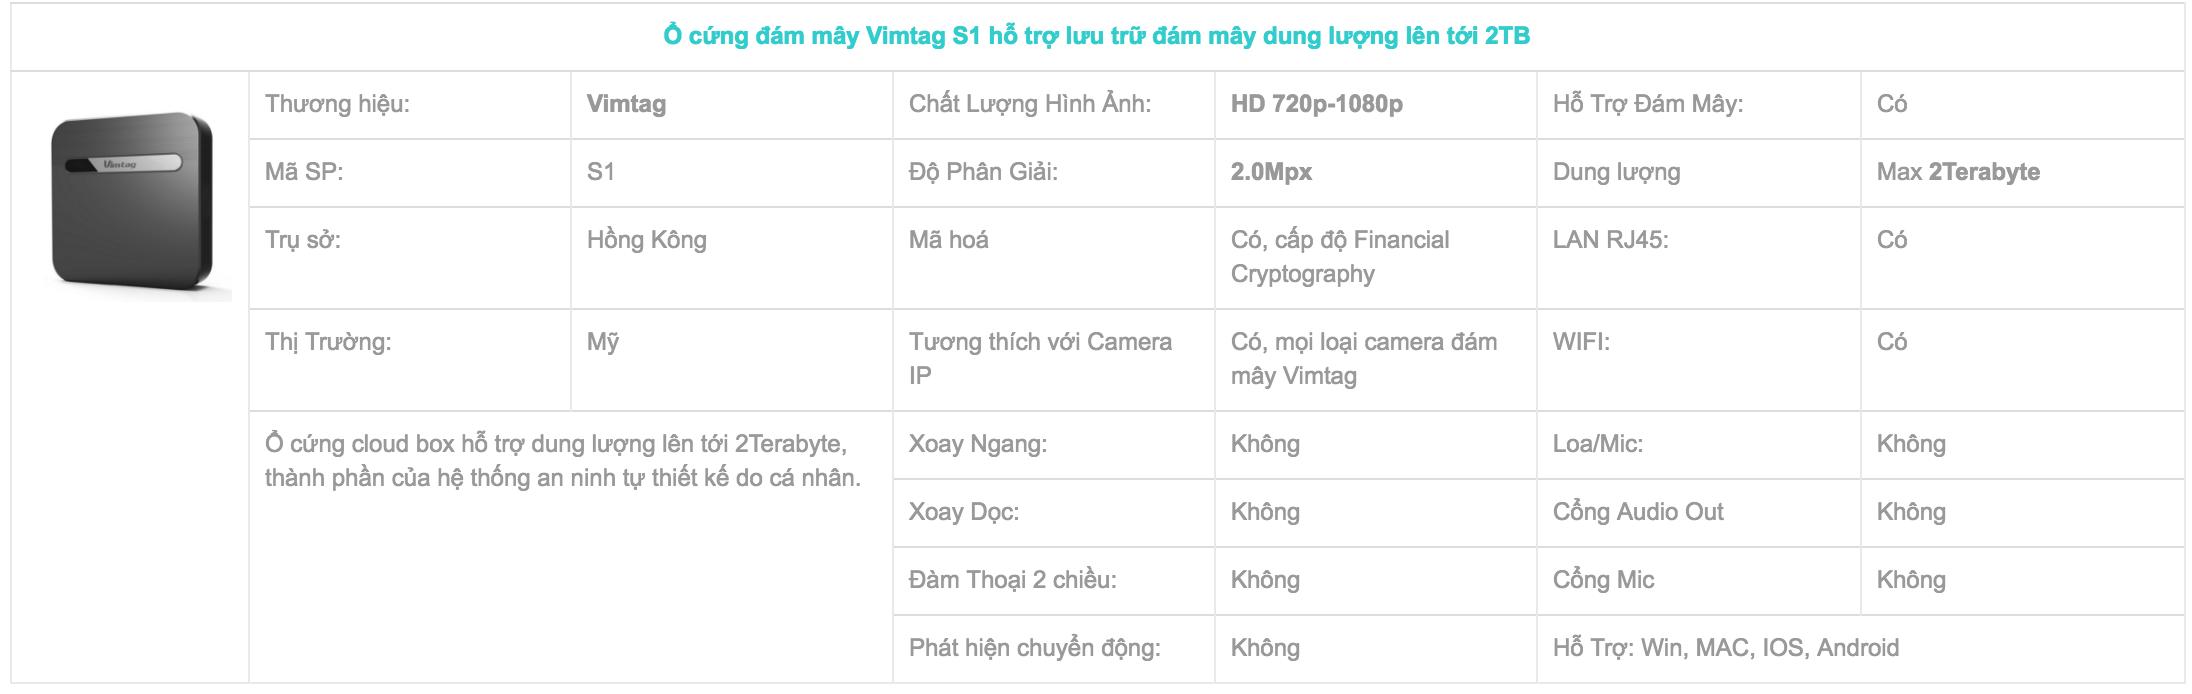 vimtag box s1 infor